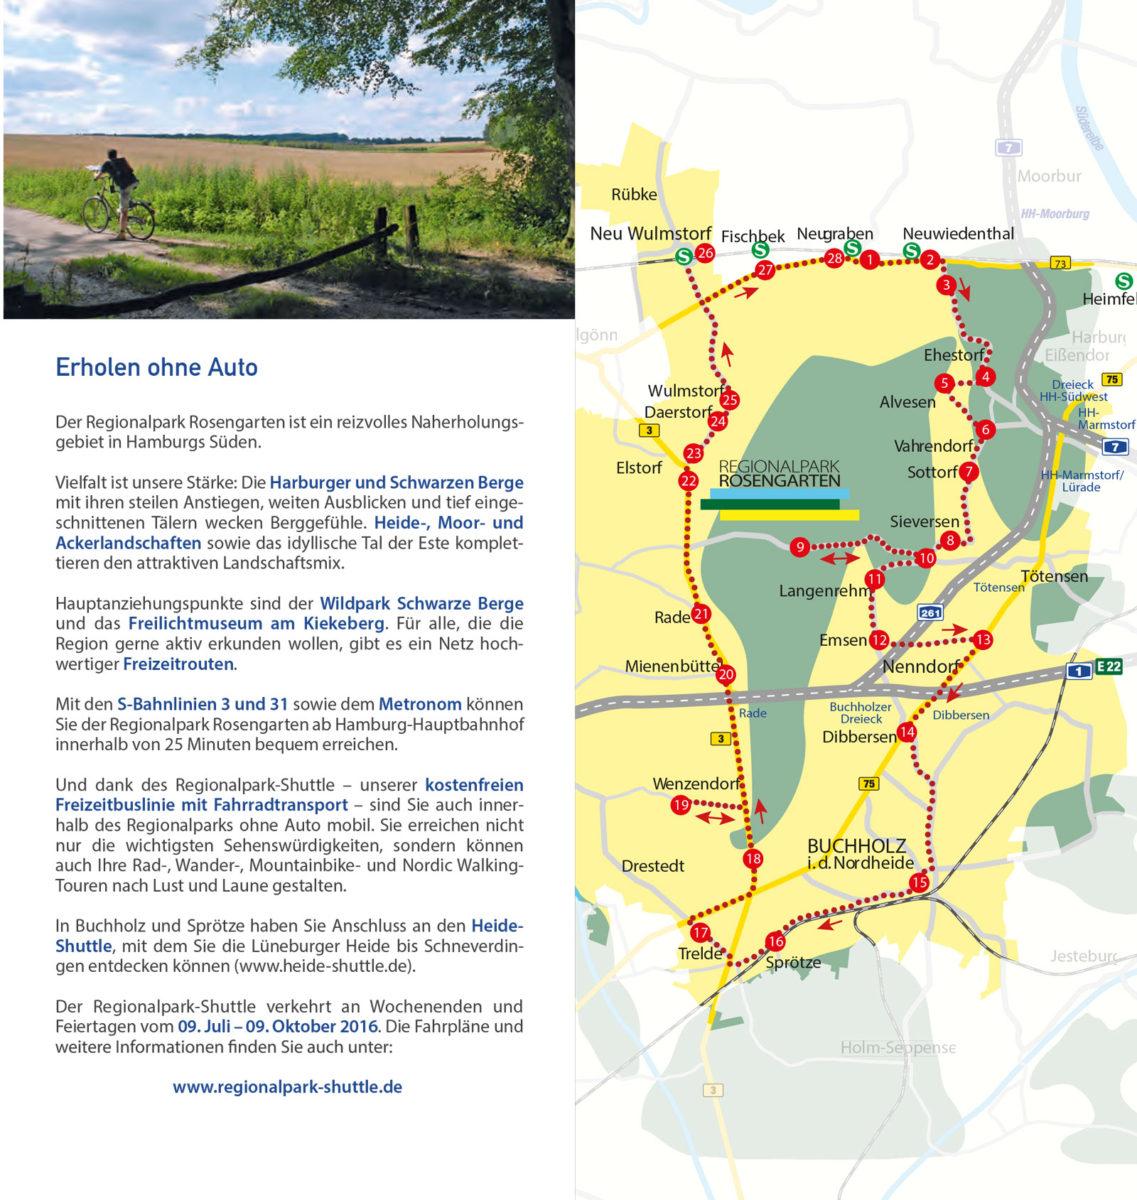 Regionalpark Rosengarten Karte